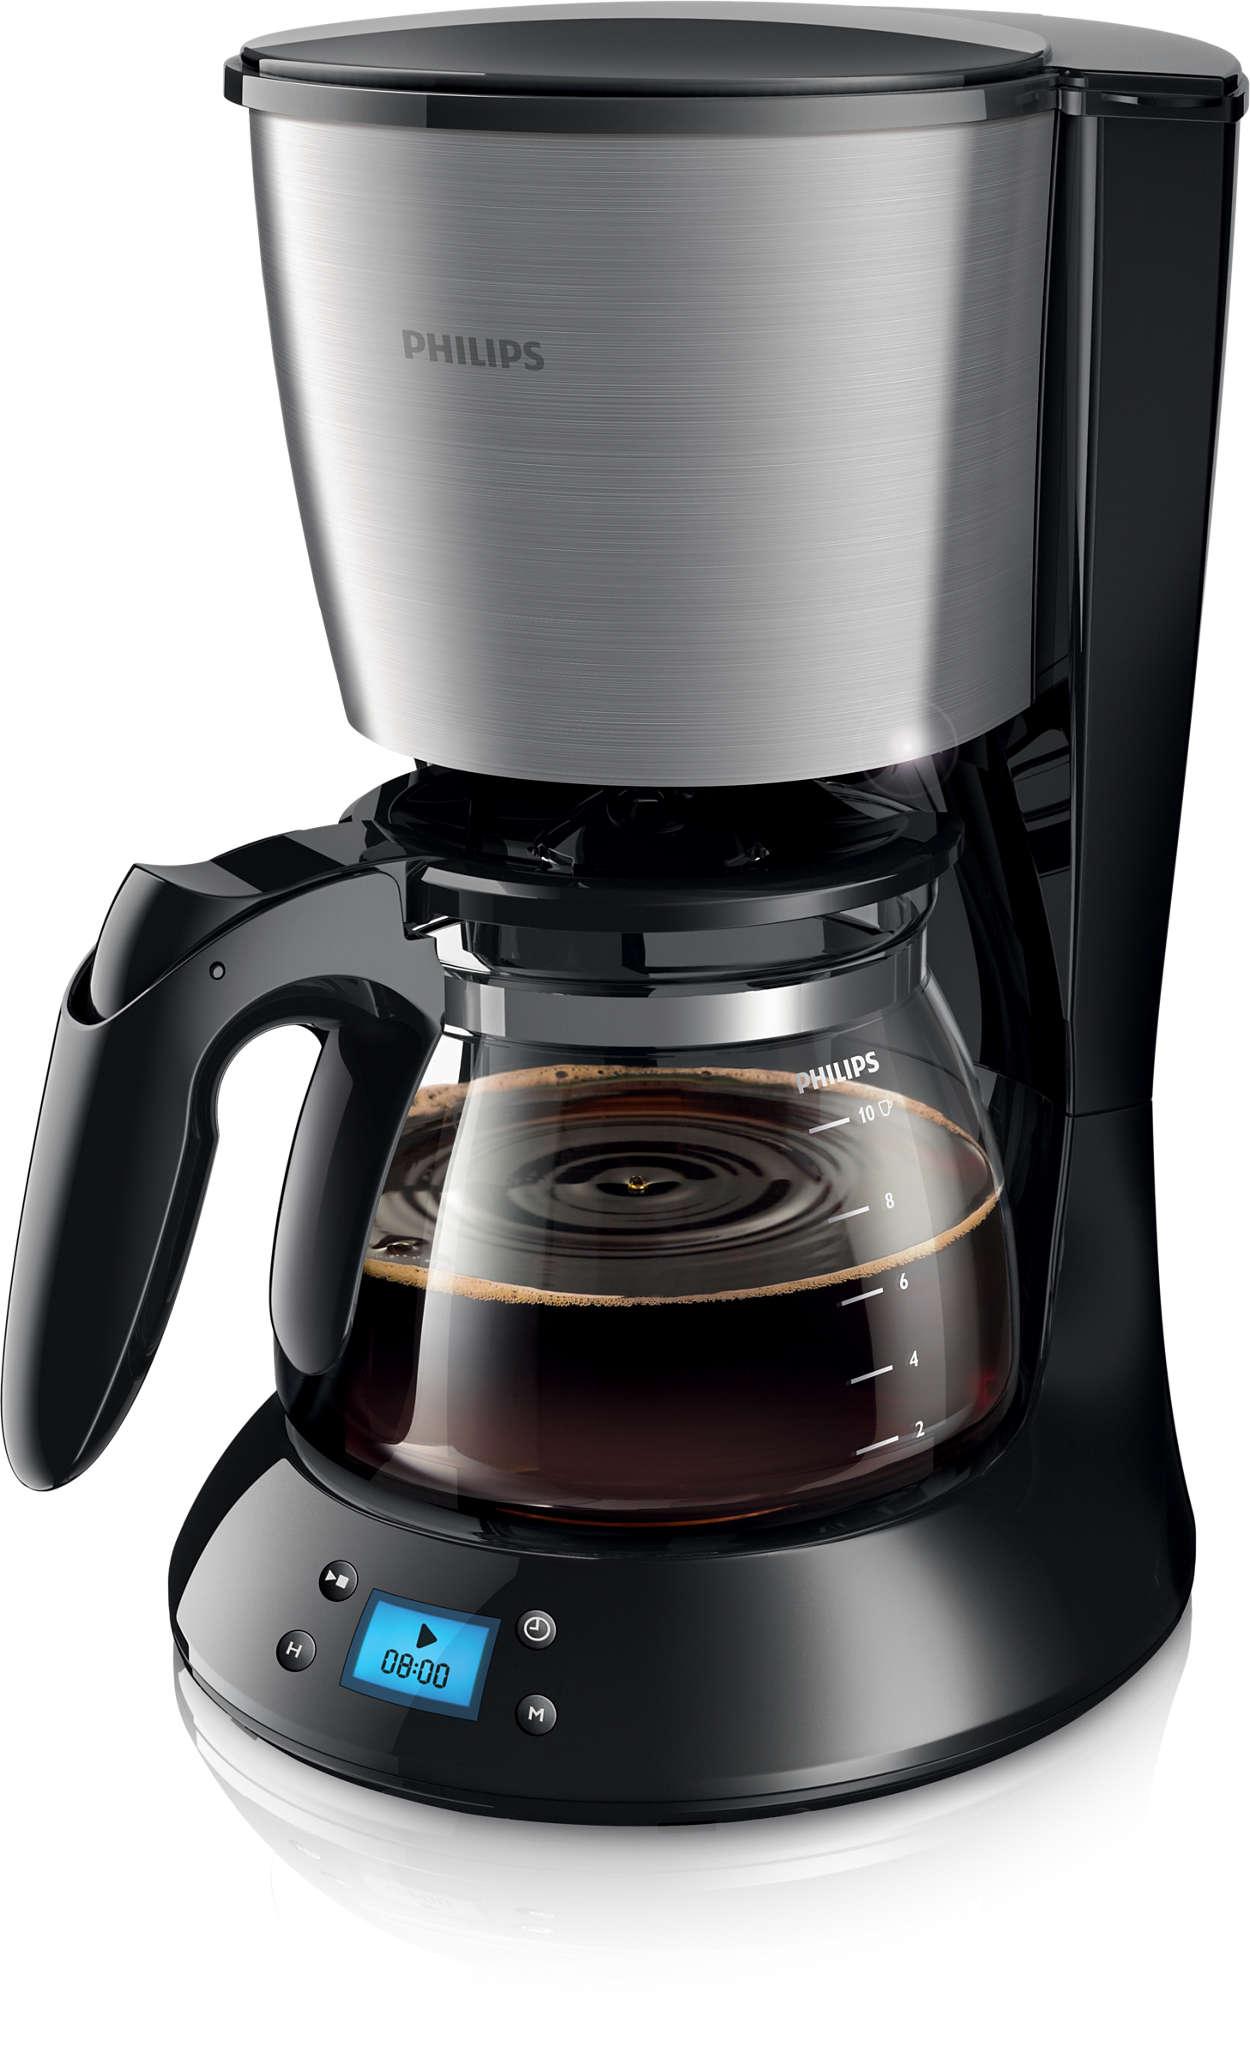 Jednoducho dobrá káva